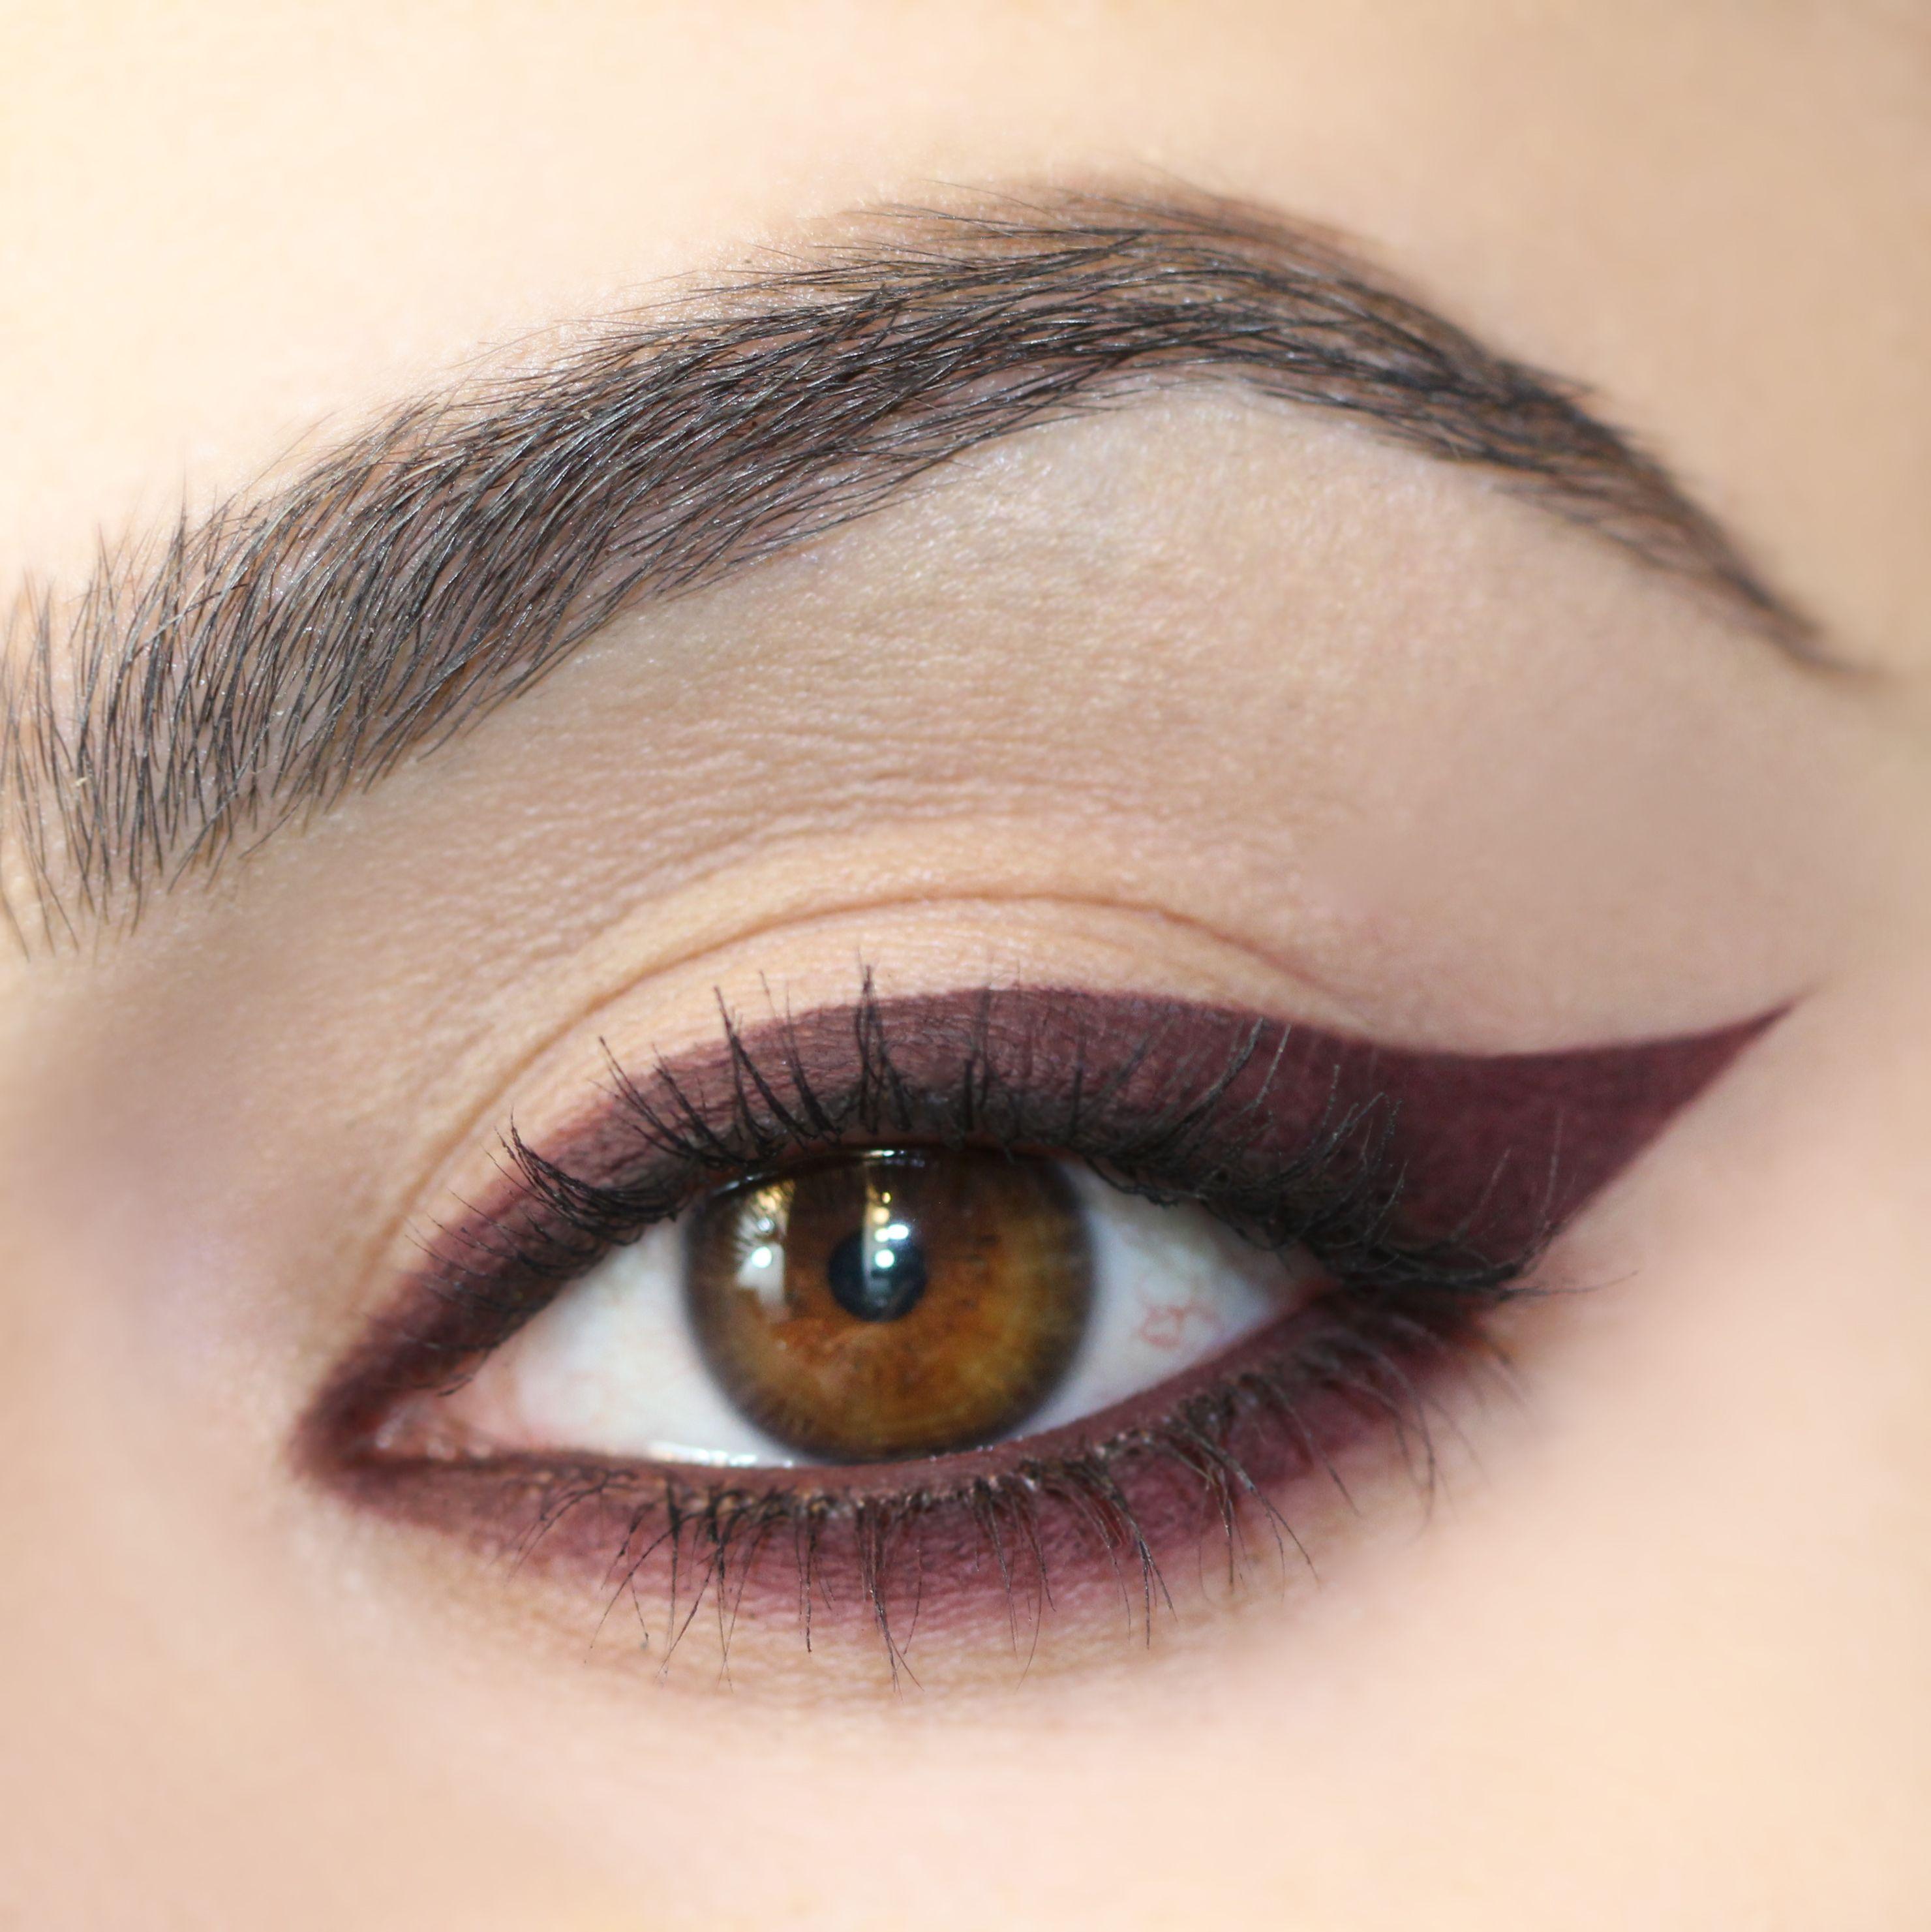 Best O - ColourPop | Gel eyeliner pencil, Red eyeliner, Smokey eye makeup